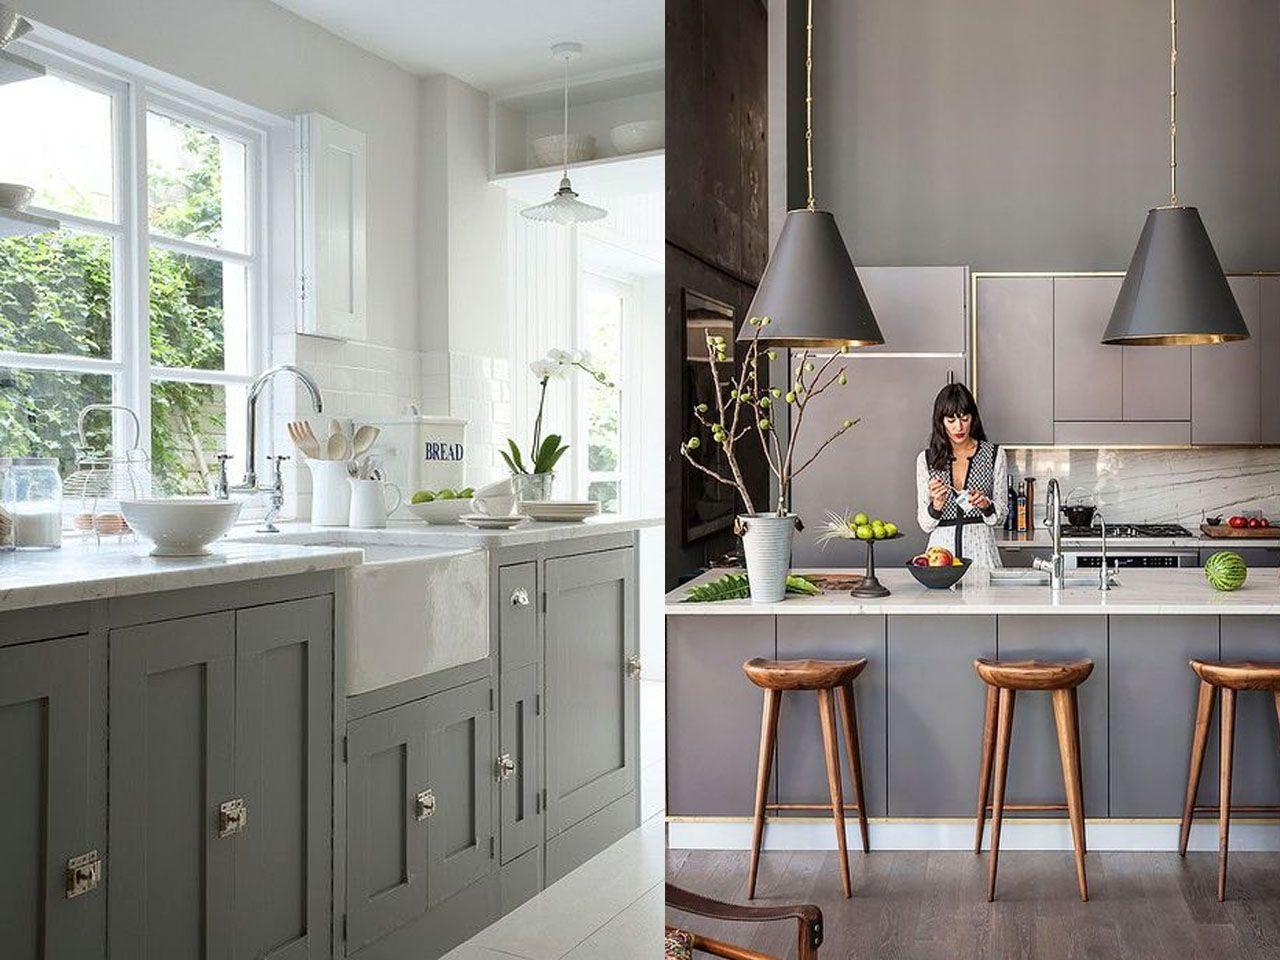 Tendencias cocinas 2017: el nuevo centro de tu hogar | Decoración de ...